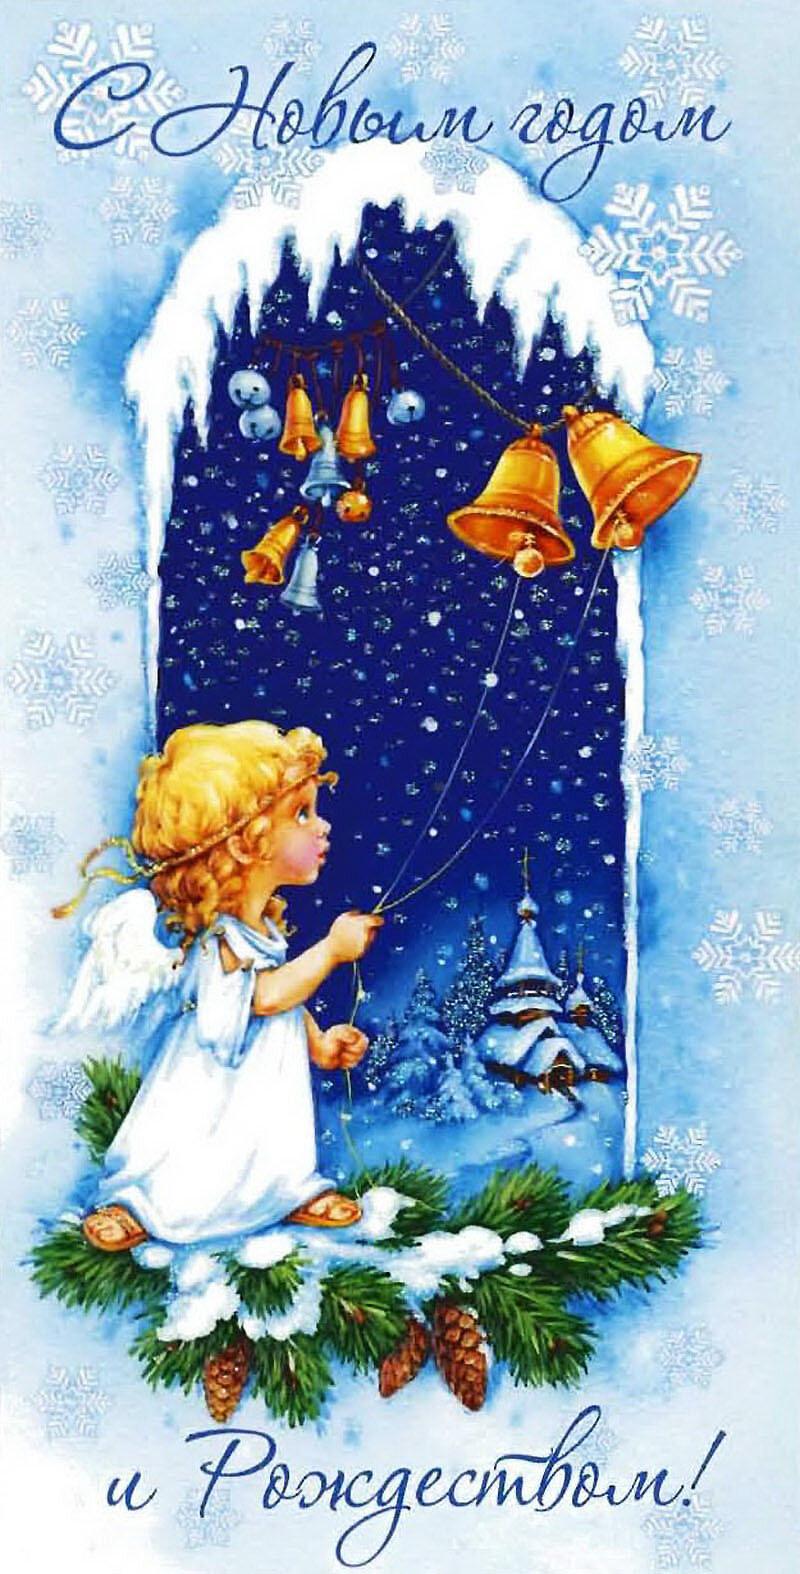 Рождественская открытка нарисованная детьми, день